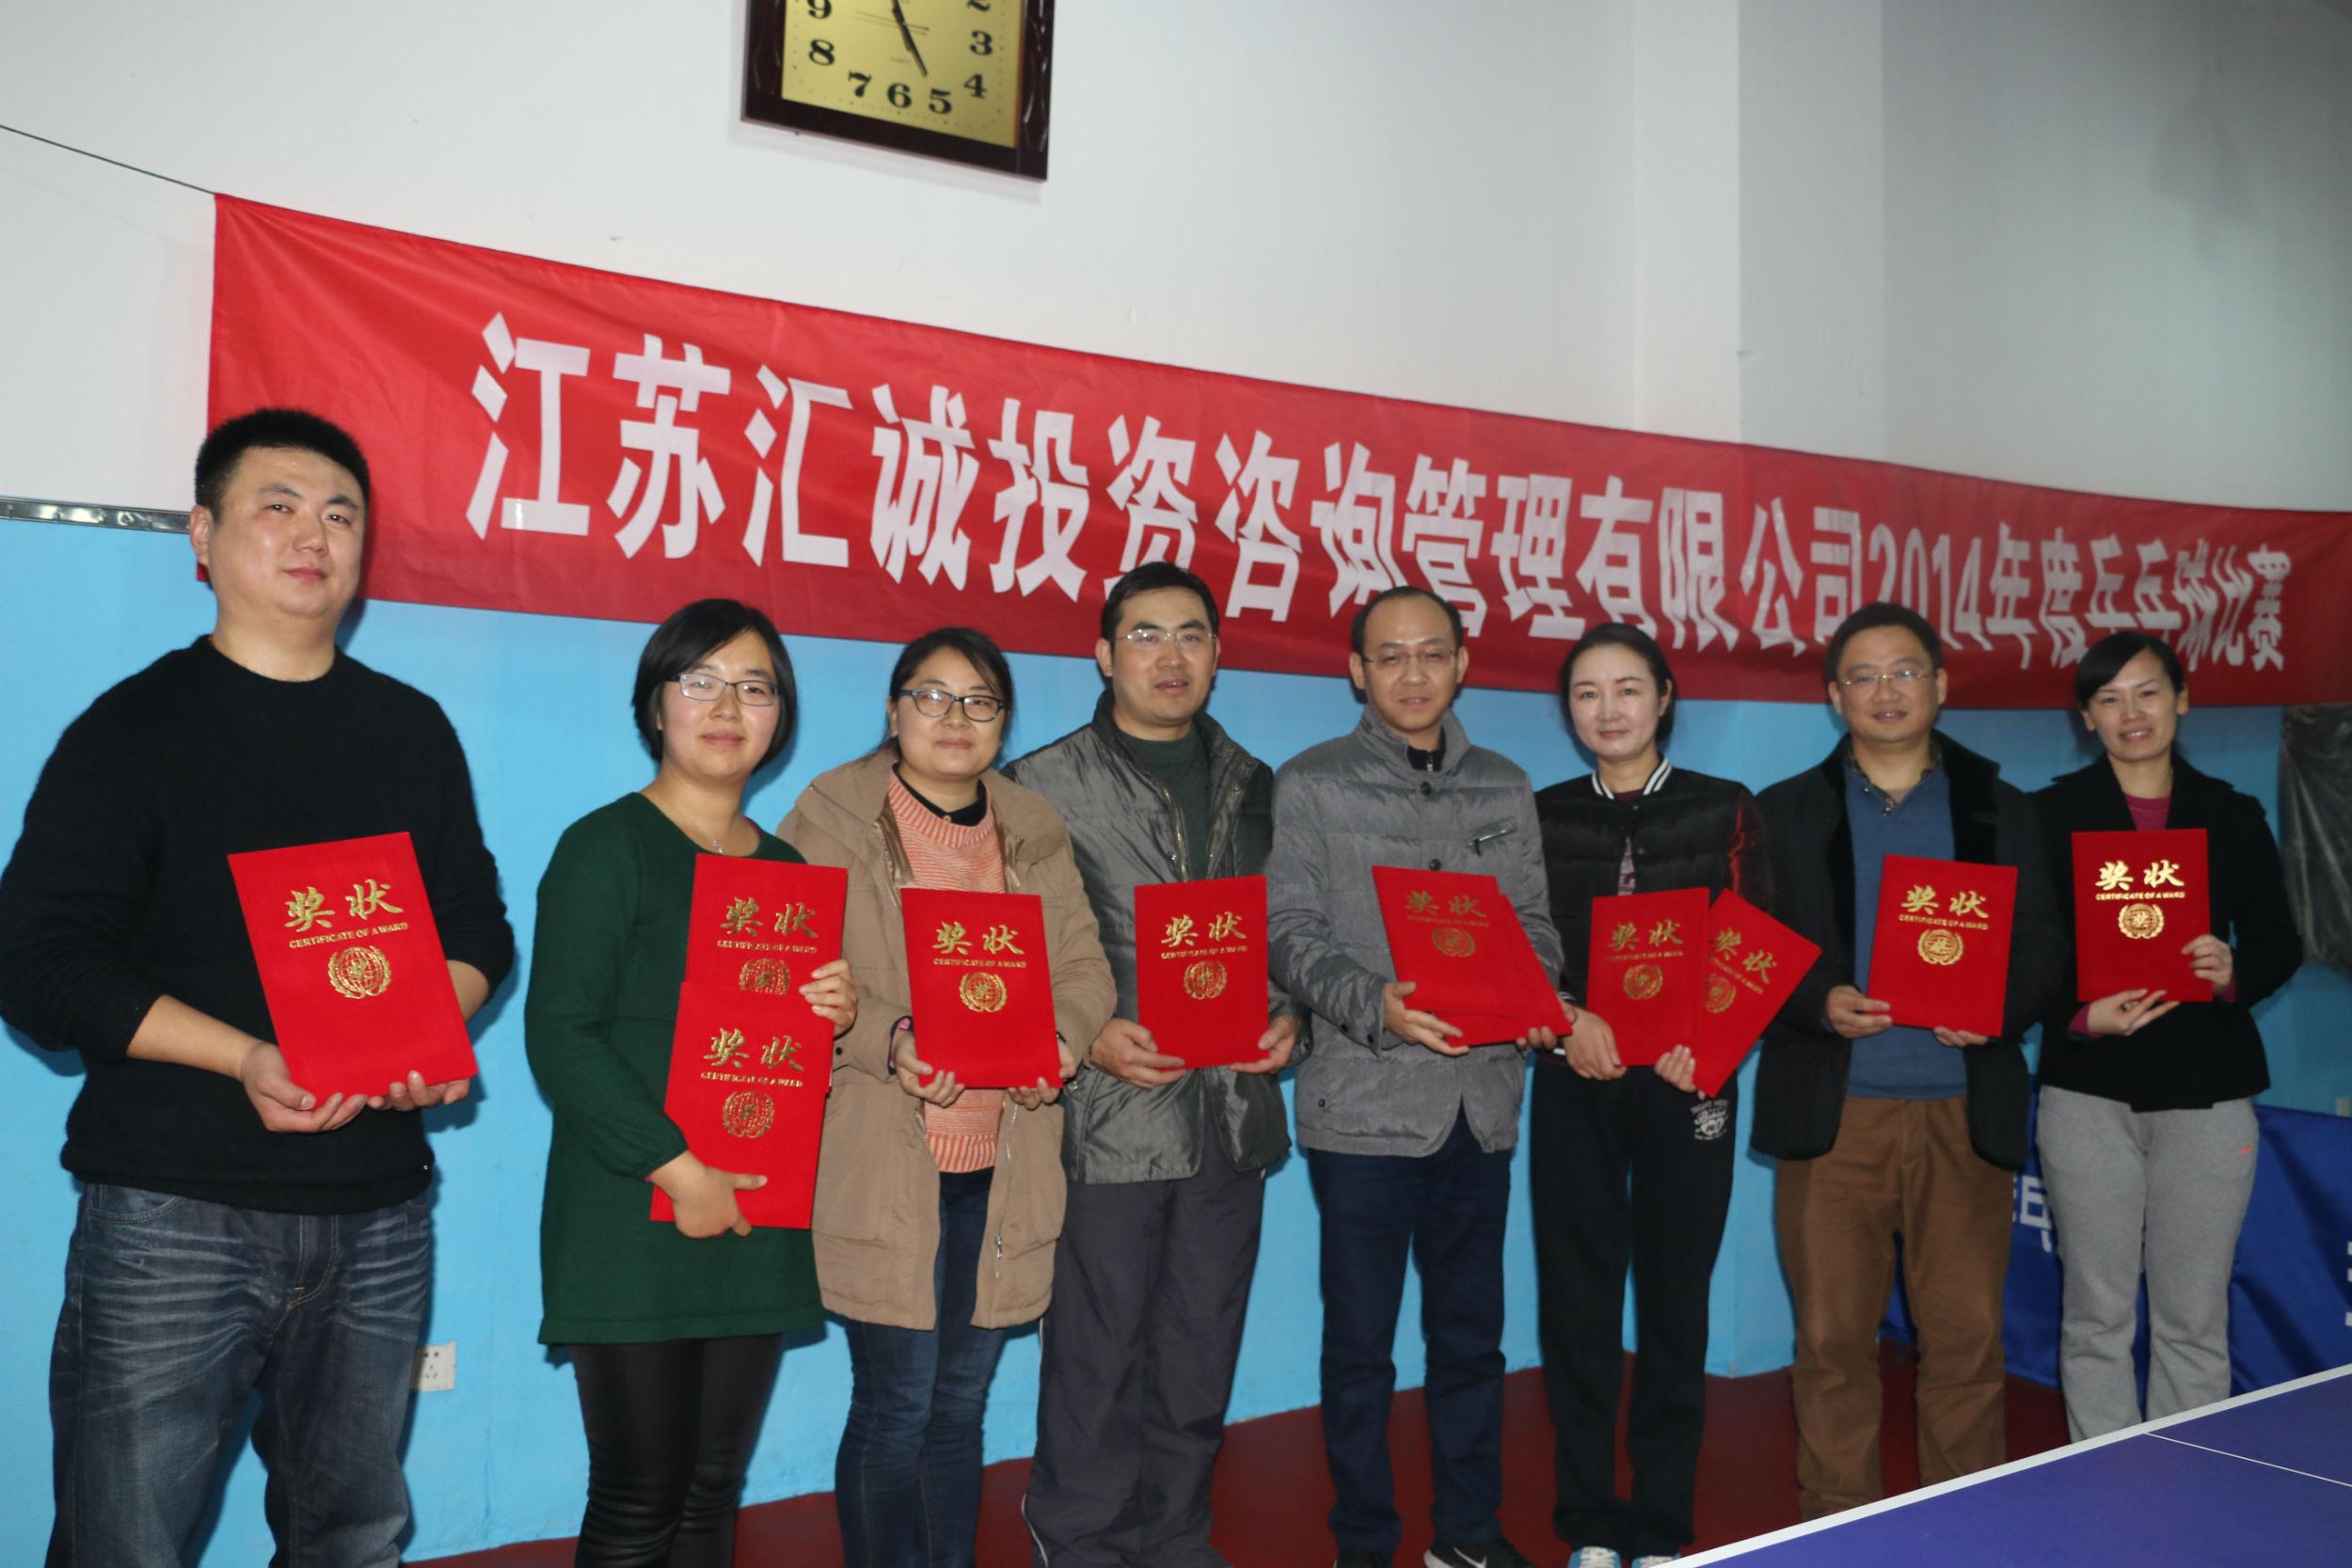 江苏汇诚投资咨询管理有限公司2014年度 乒乓球比赛